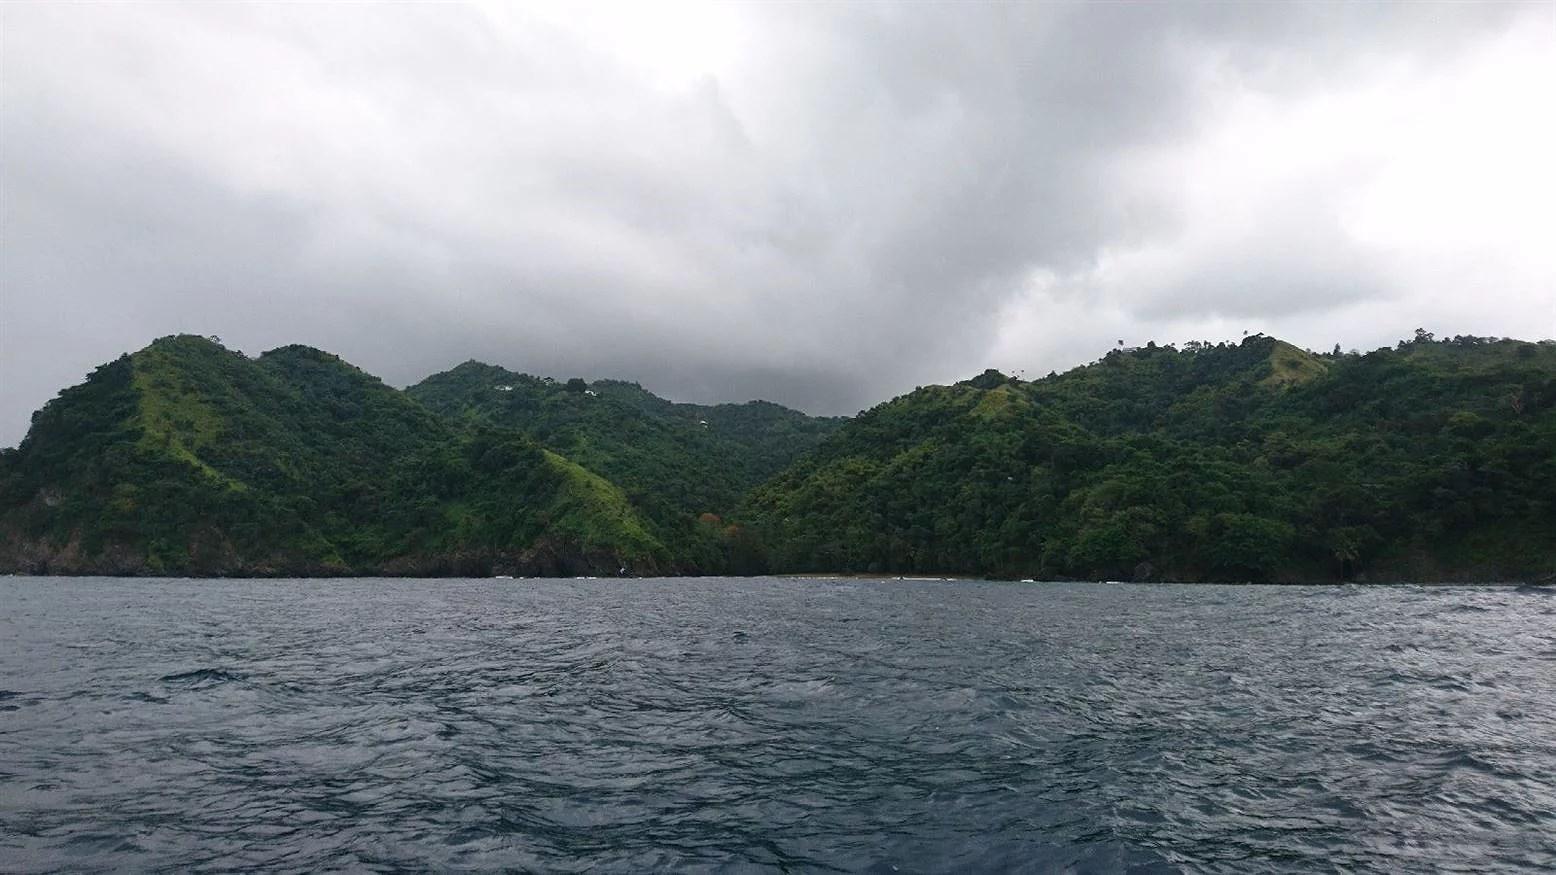 En regnig båttur med snorkling, No man's land och Nylon pool